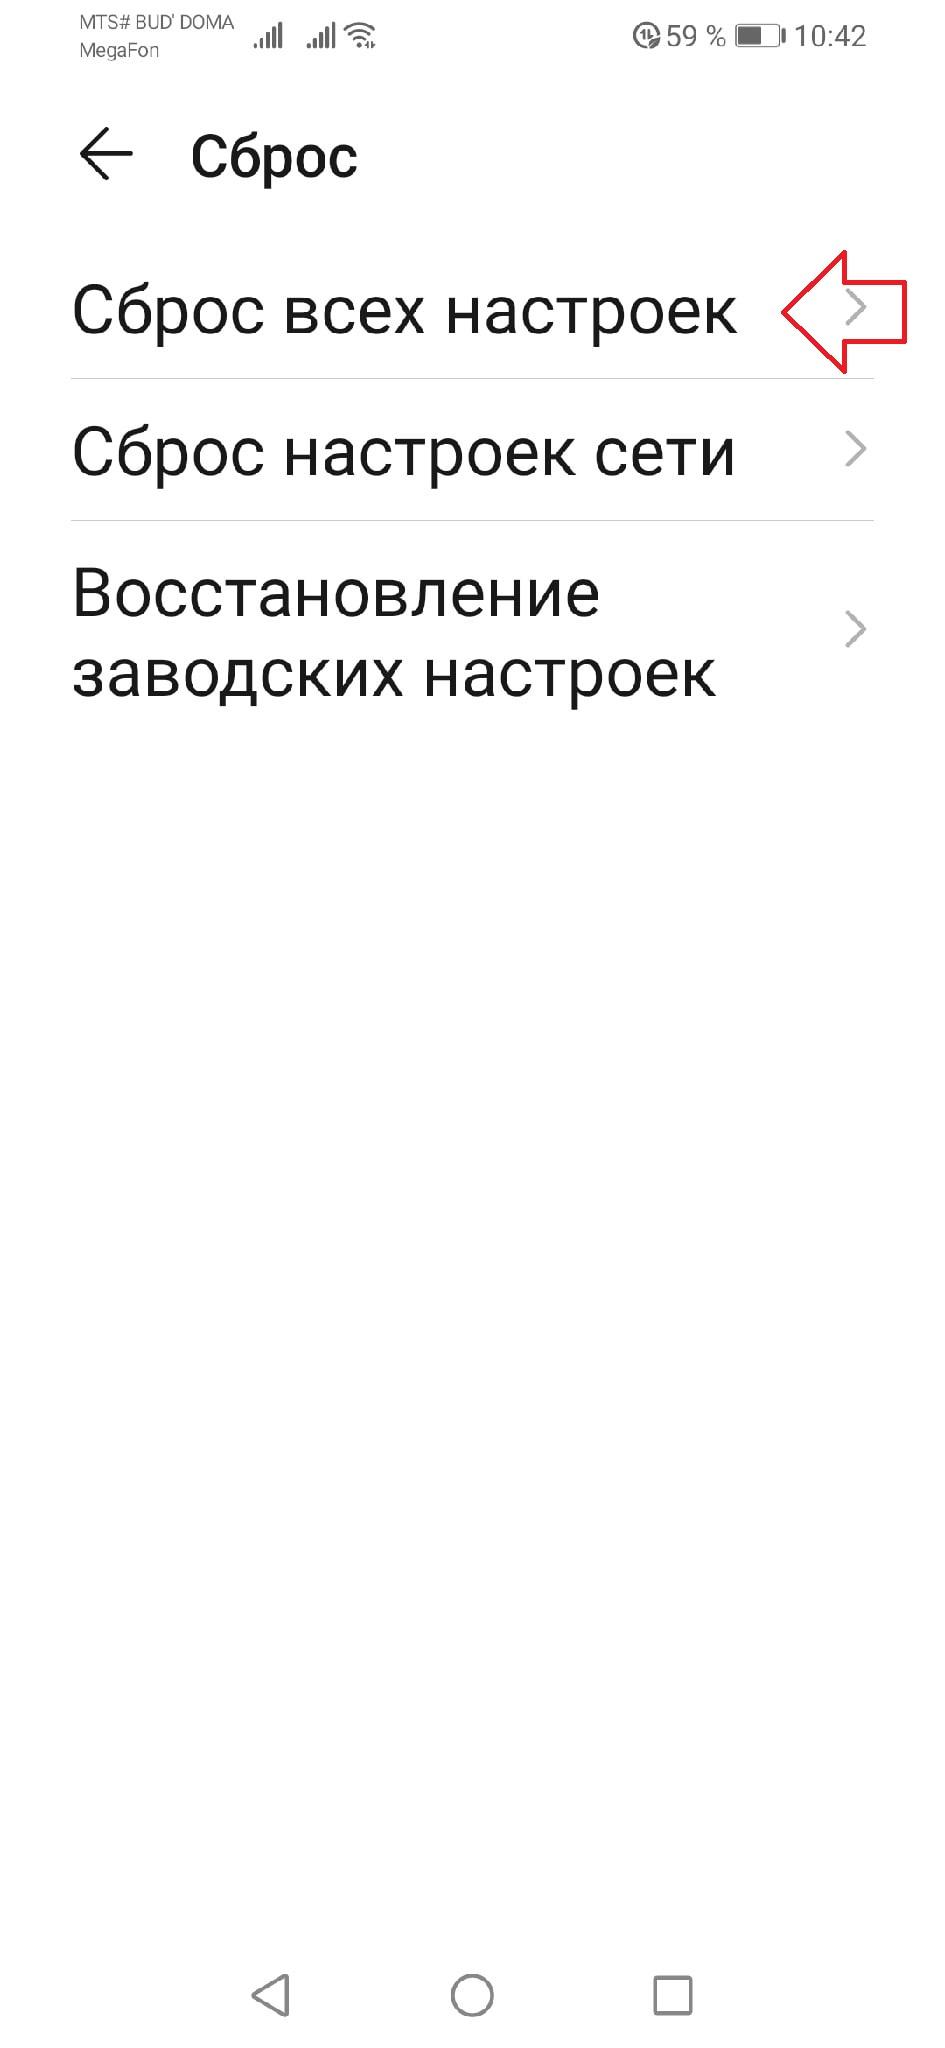 На телефоне Honor, Huawei не скачиваются приложения, документы, фото, музыка или видео